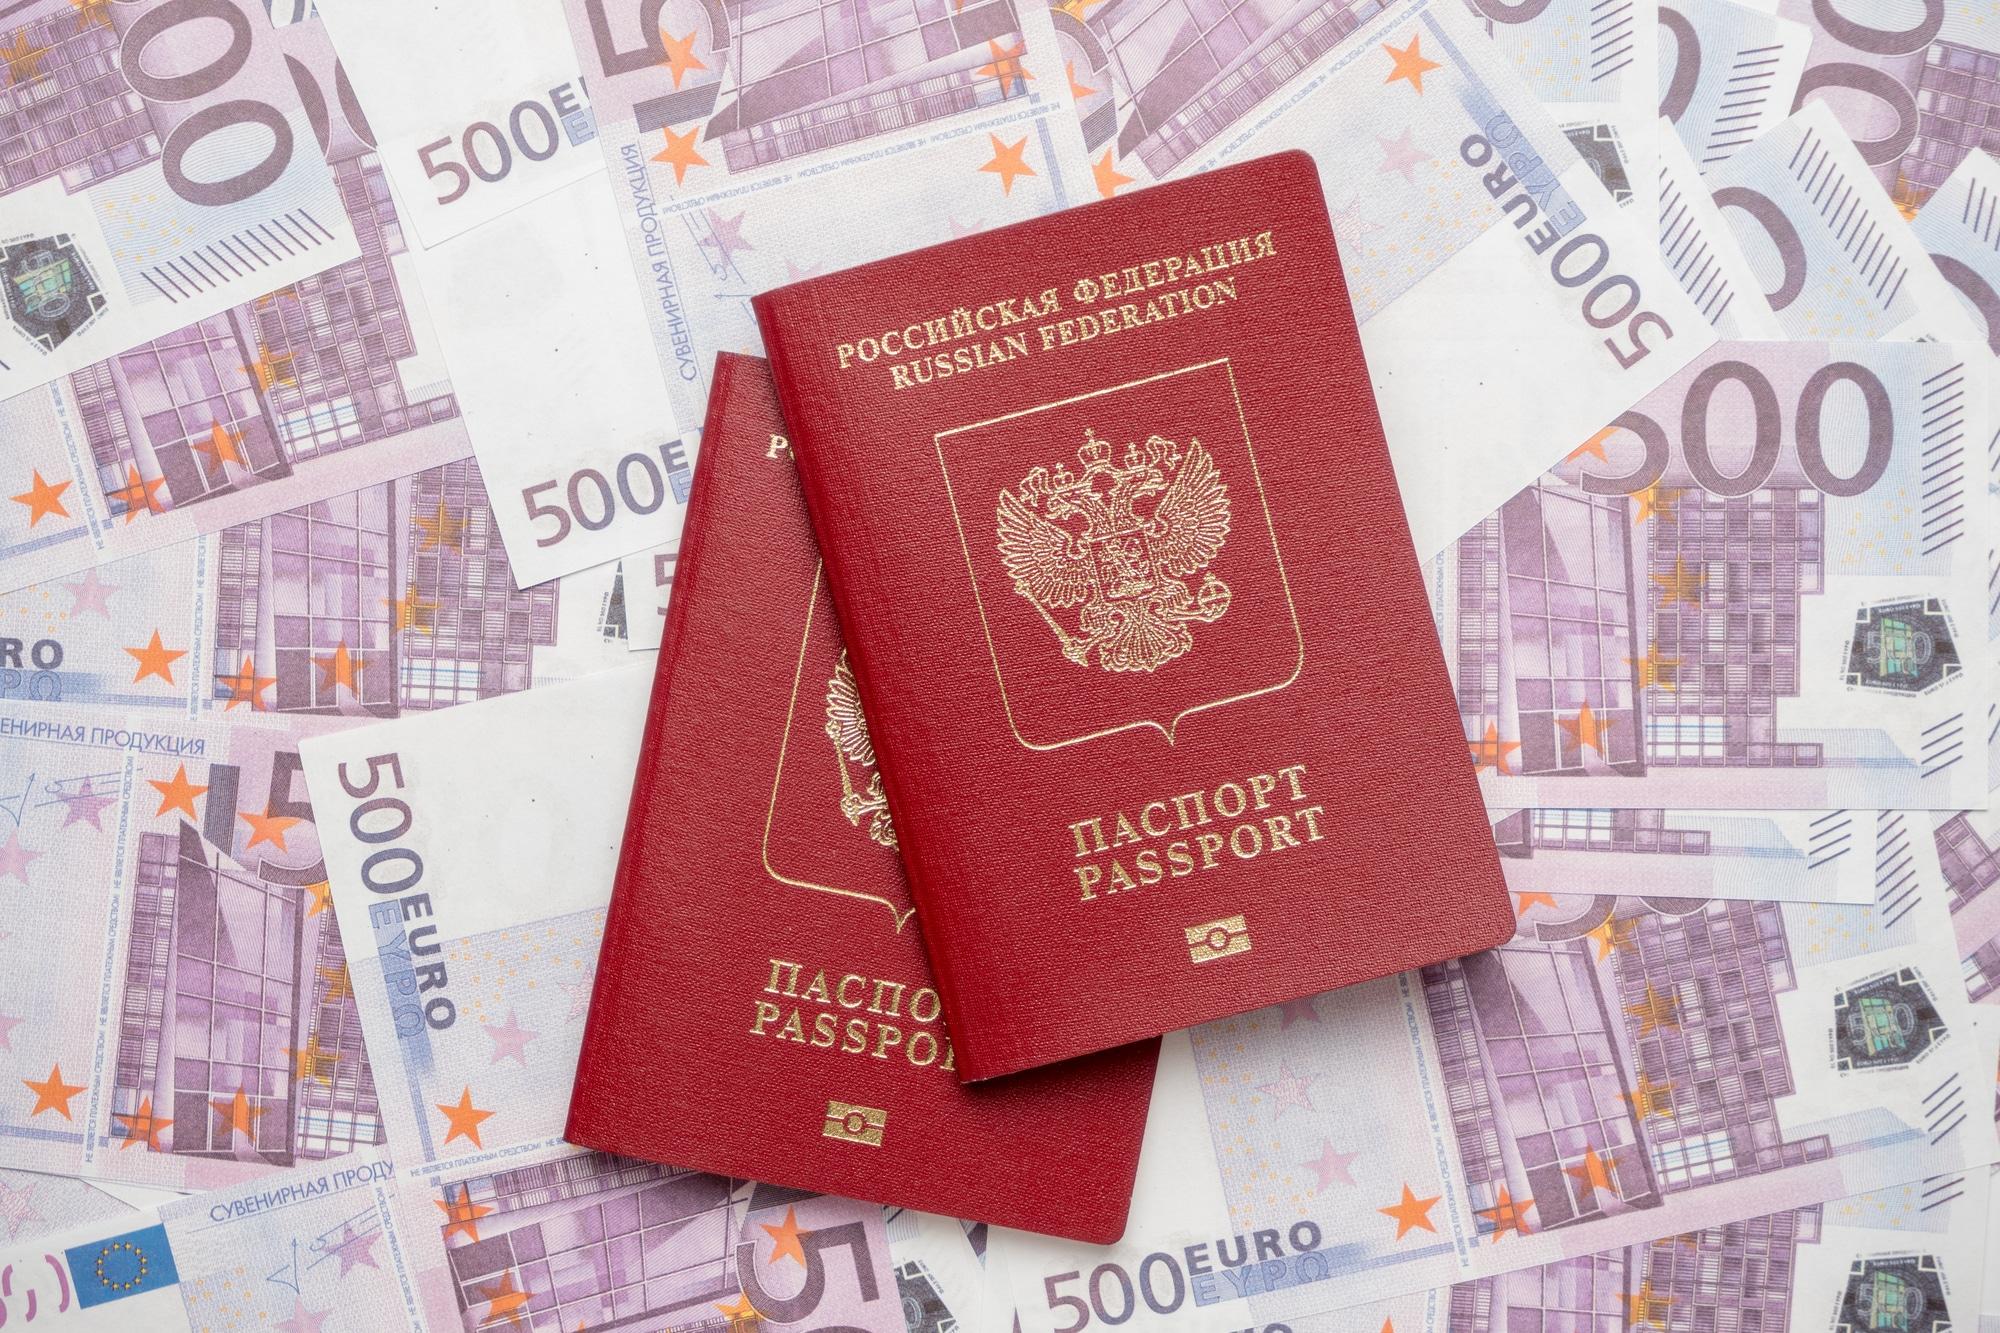 Две или ни одной: как выплачивается пенсия гражданам России с видом на жительство в другой стране?